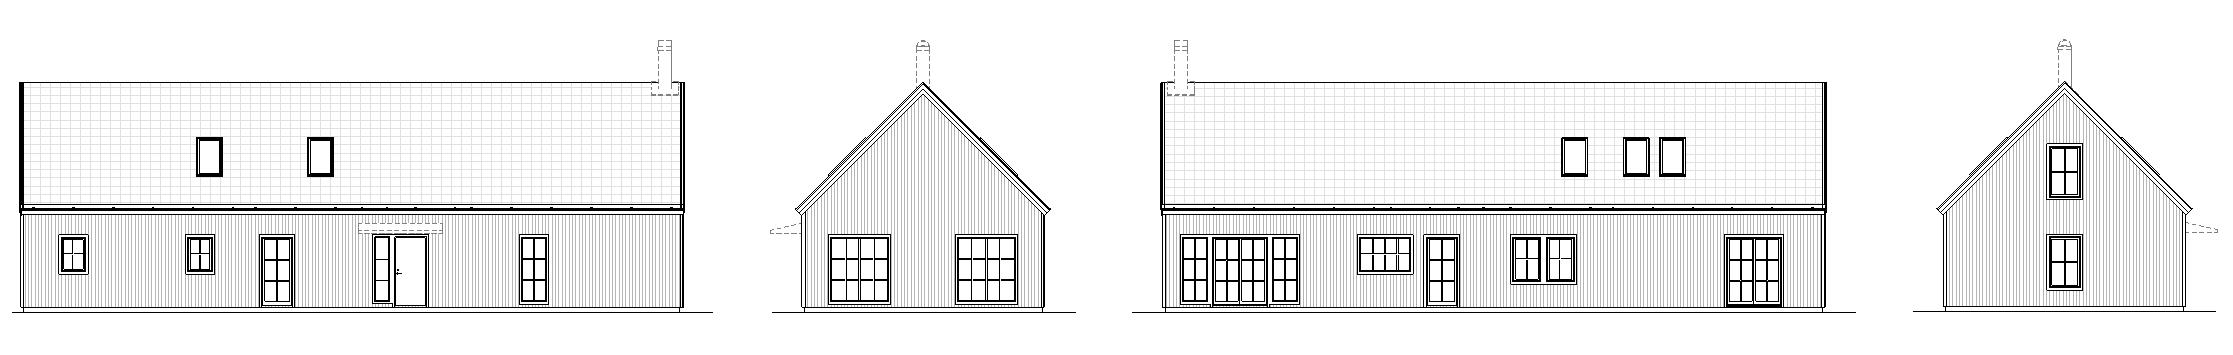 Villa Enhagen Fasadbilder.png